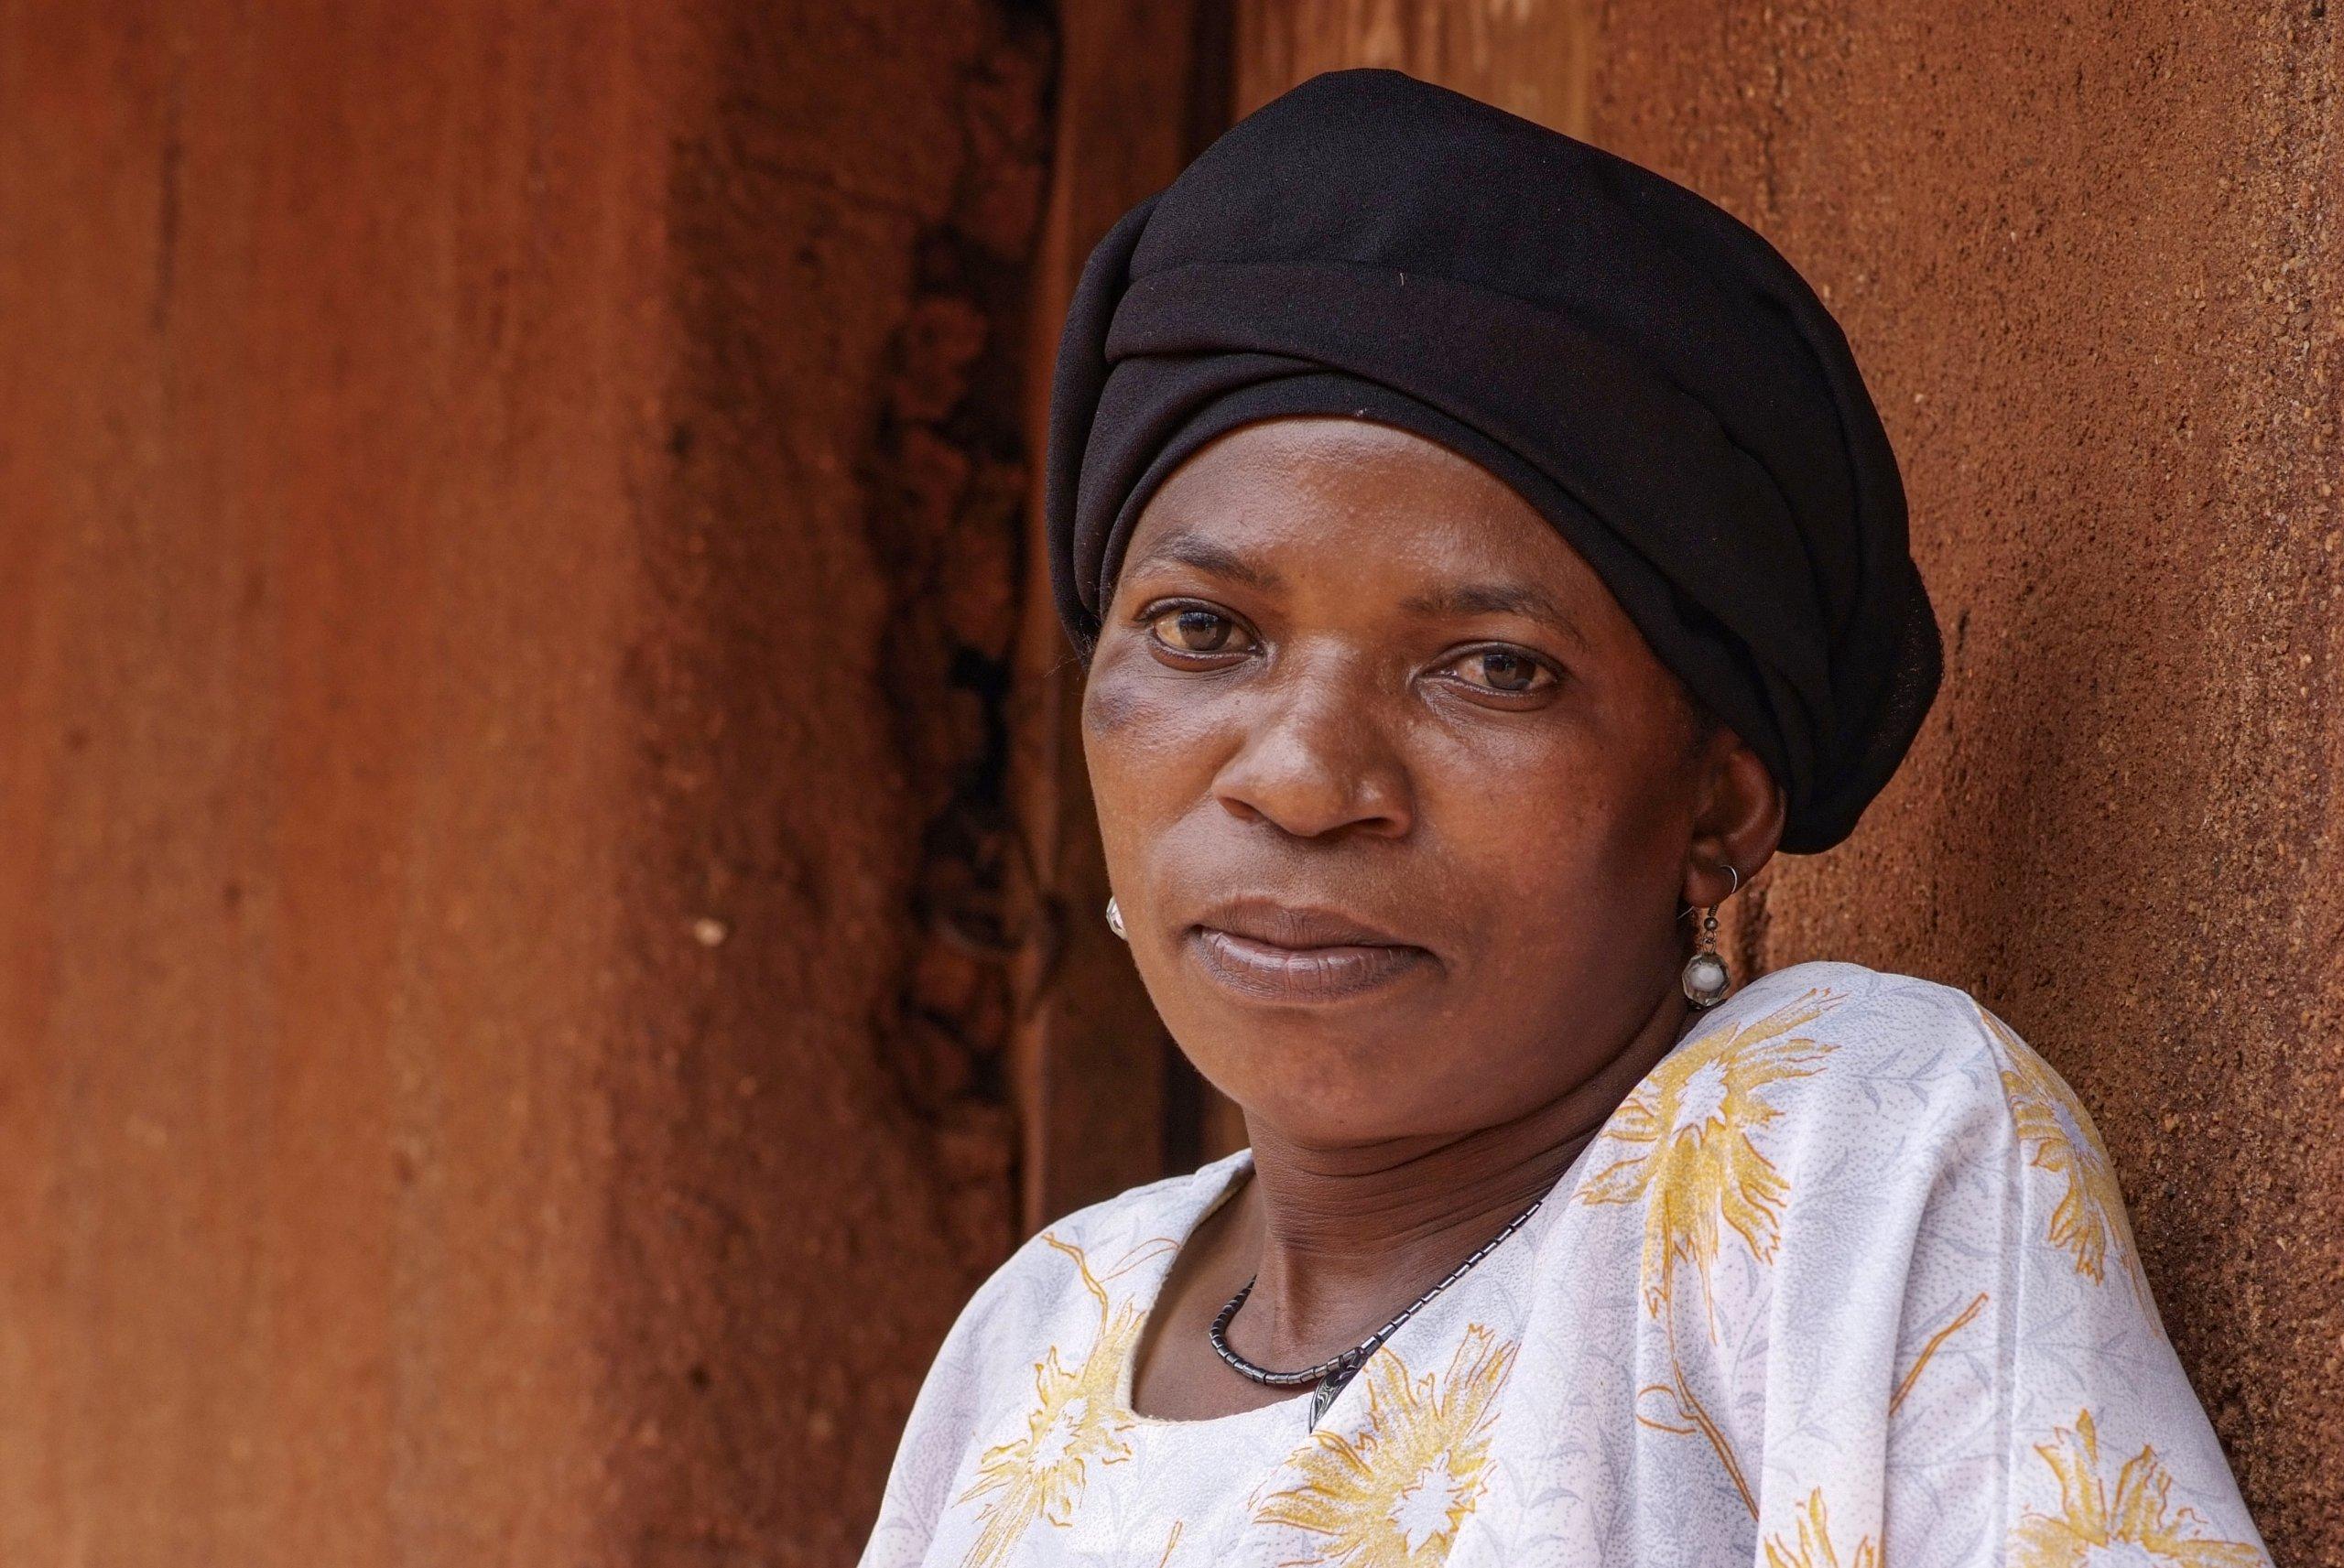 35 01 boerin trotsevrouw Mariam Fundi Maramba Tanzania 6013 scaled